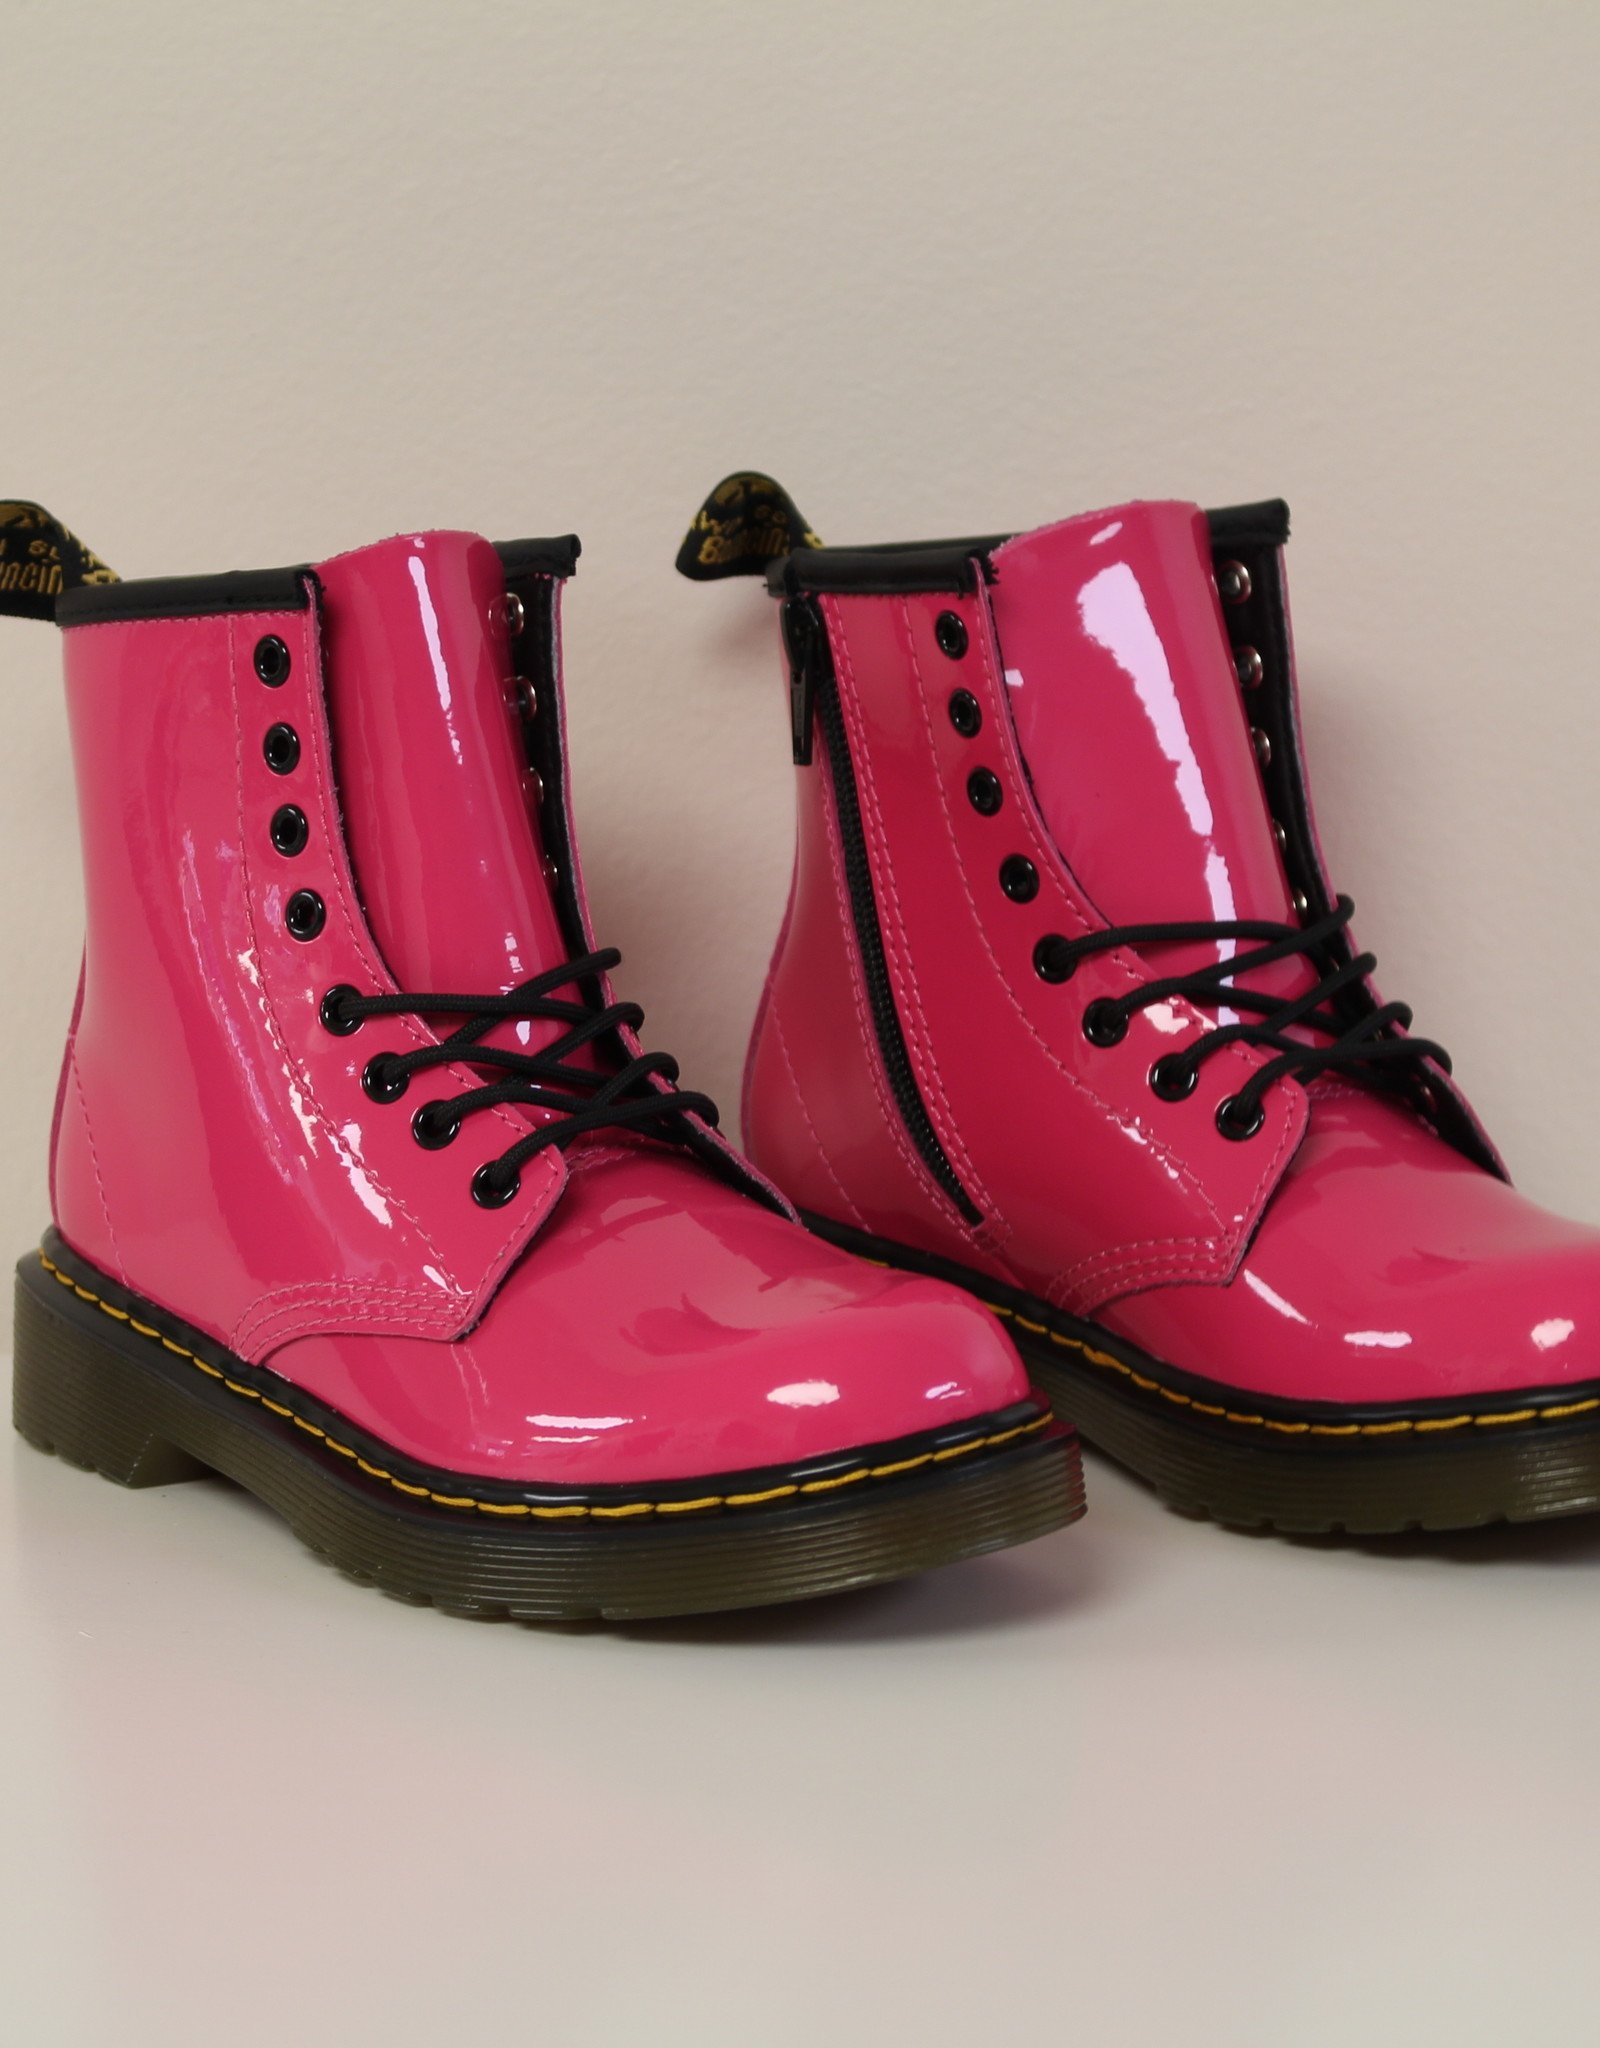 Dr Martens hot pink